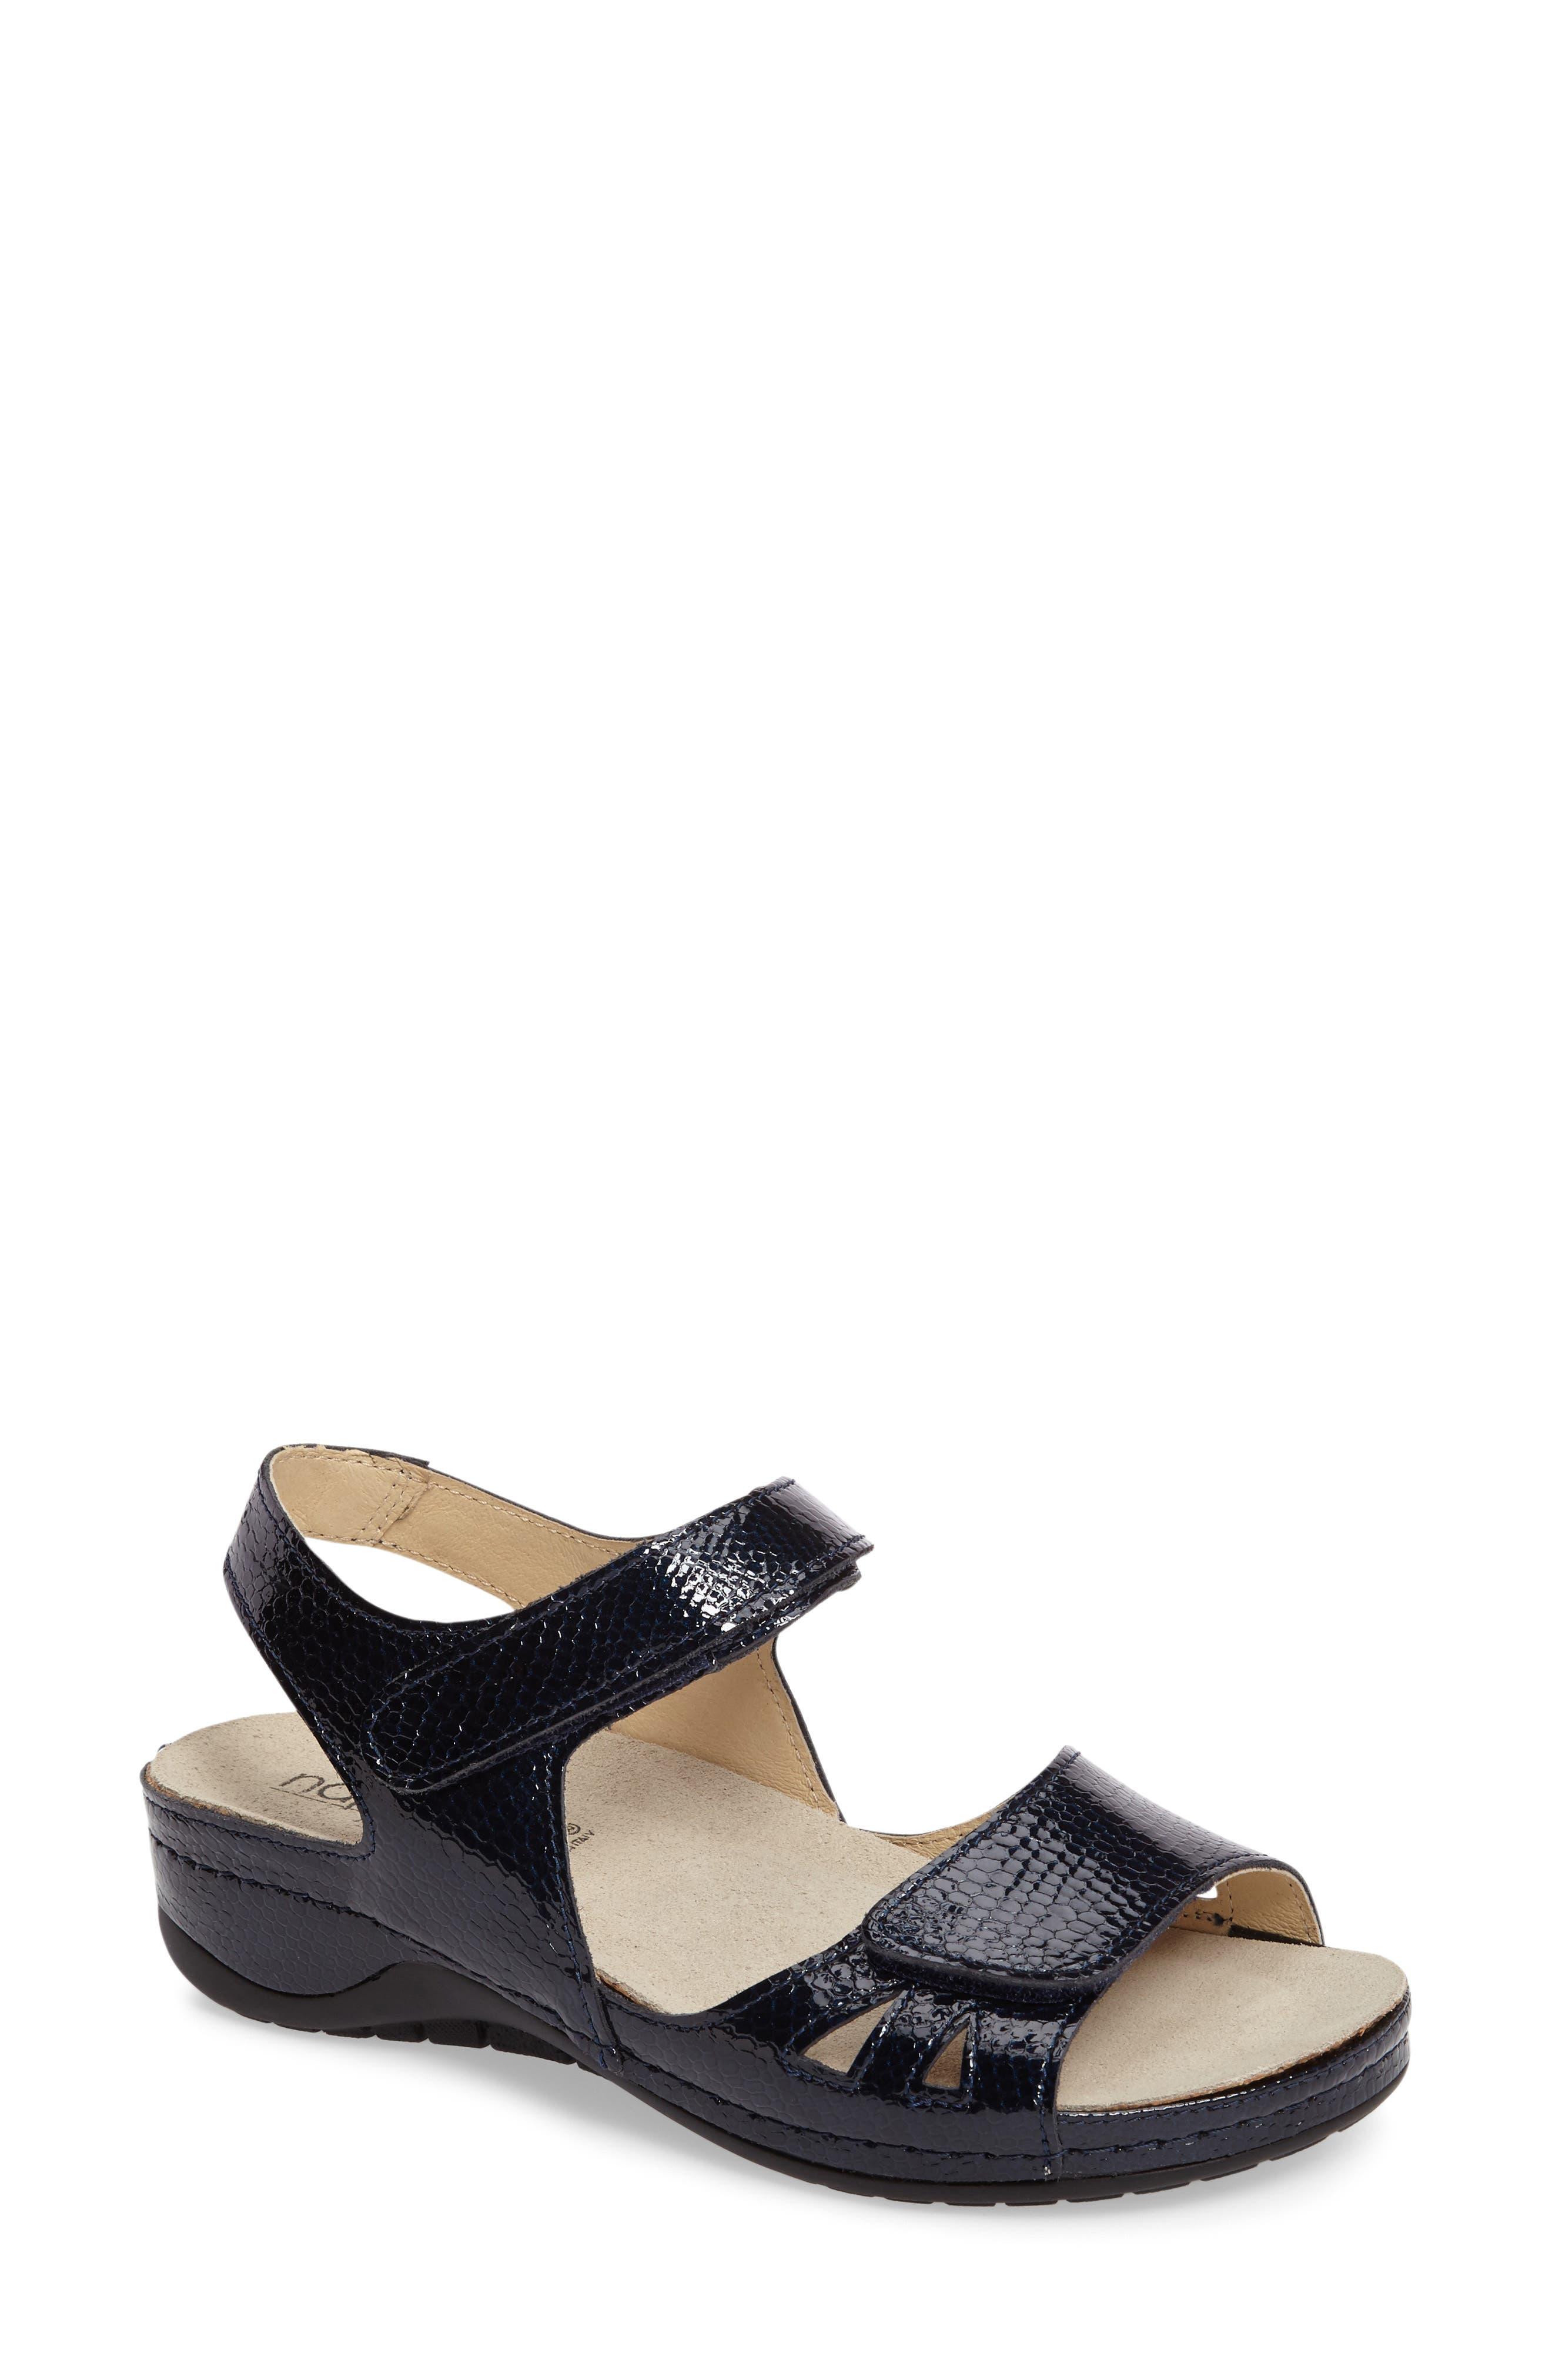 NAPA FLEX Dash Sandal